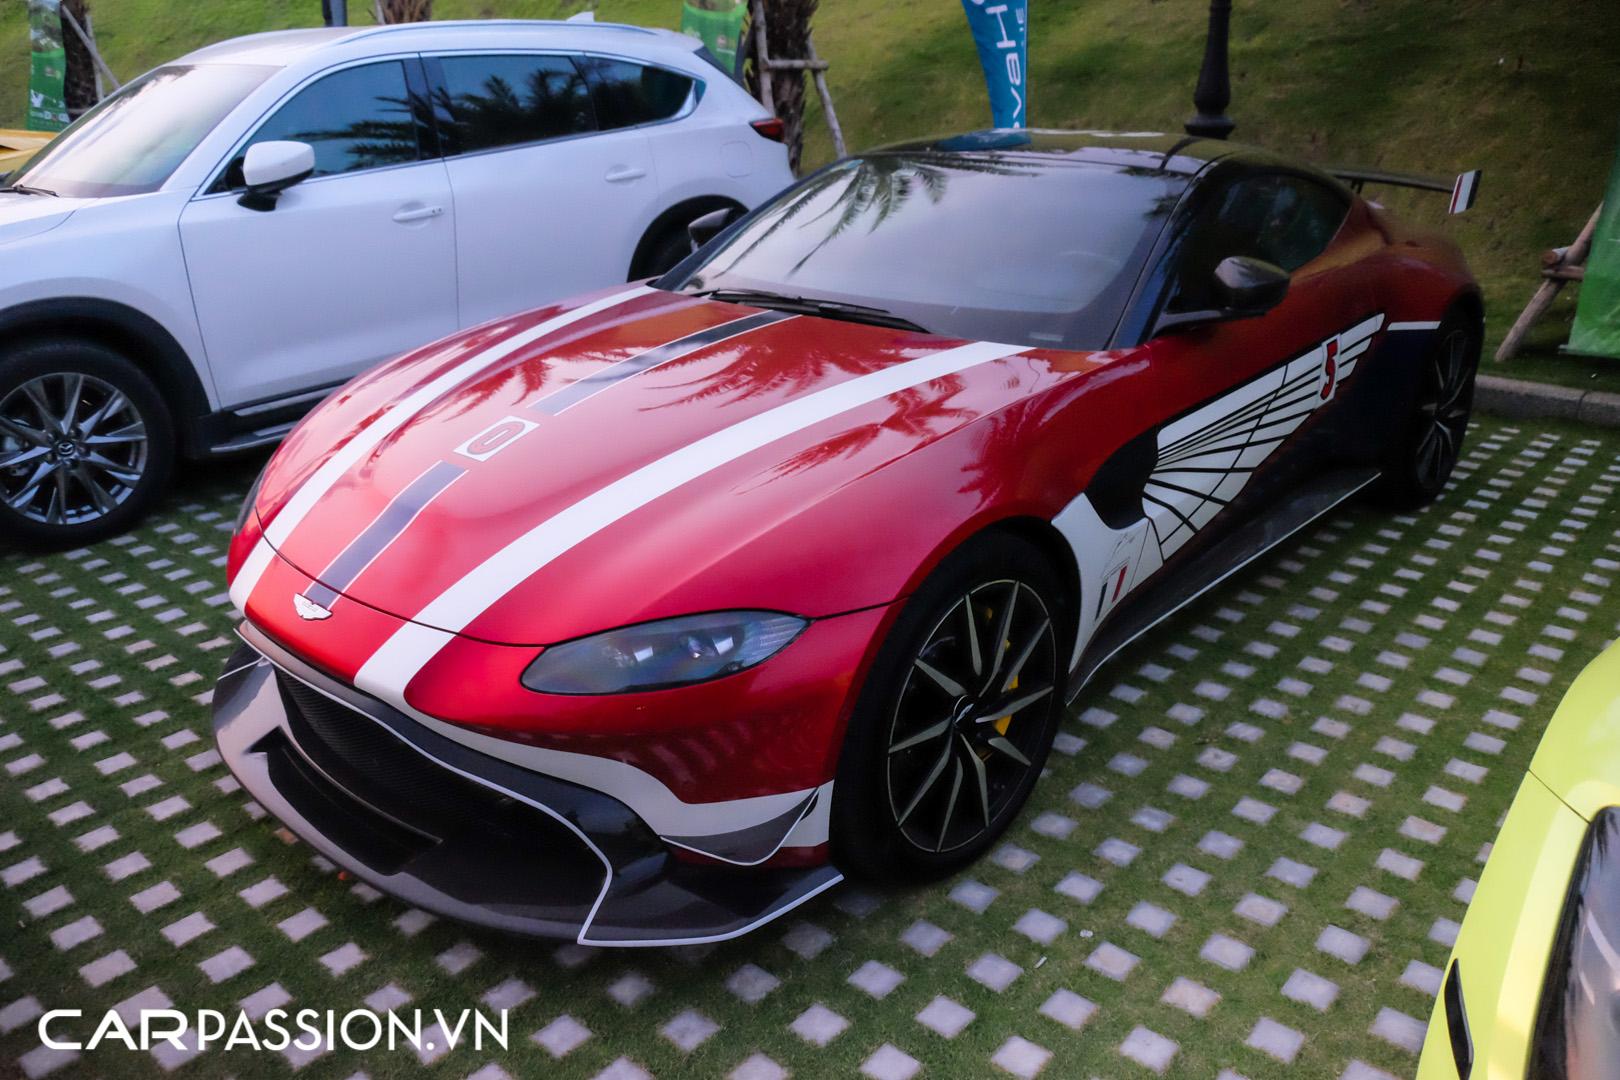 Aston Martin Vantage của doanh nhân Phạm Trần Nhật Minh (19).JPG